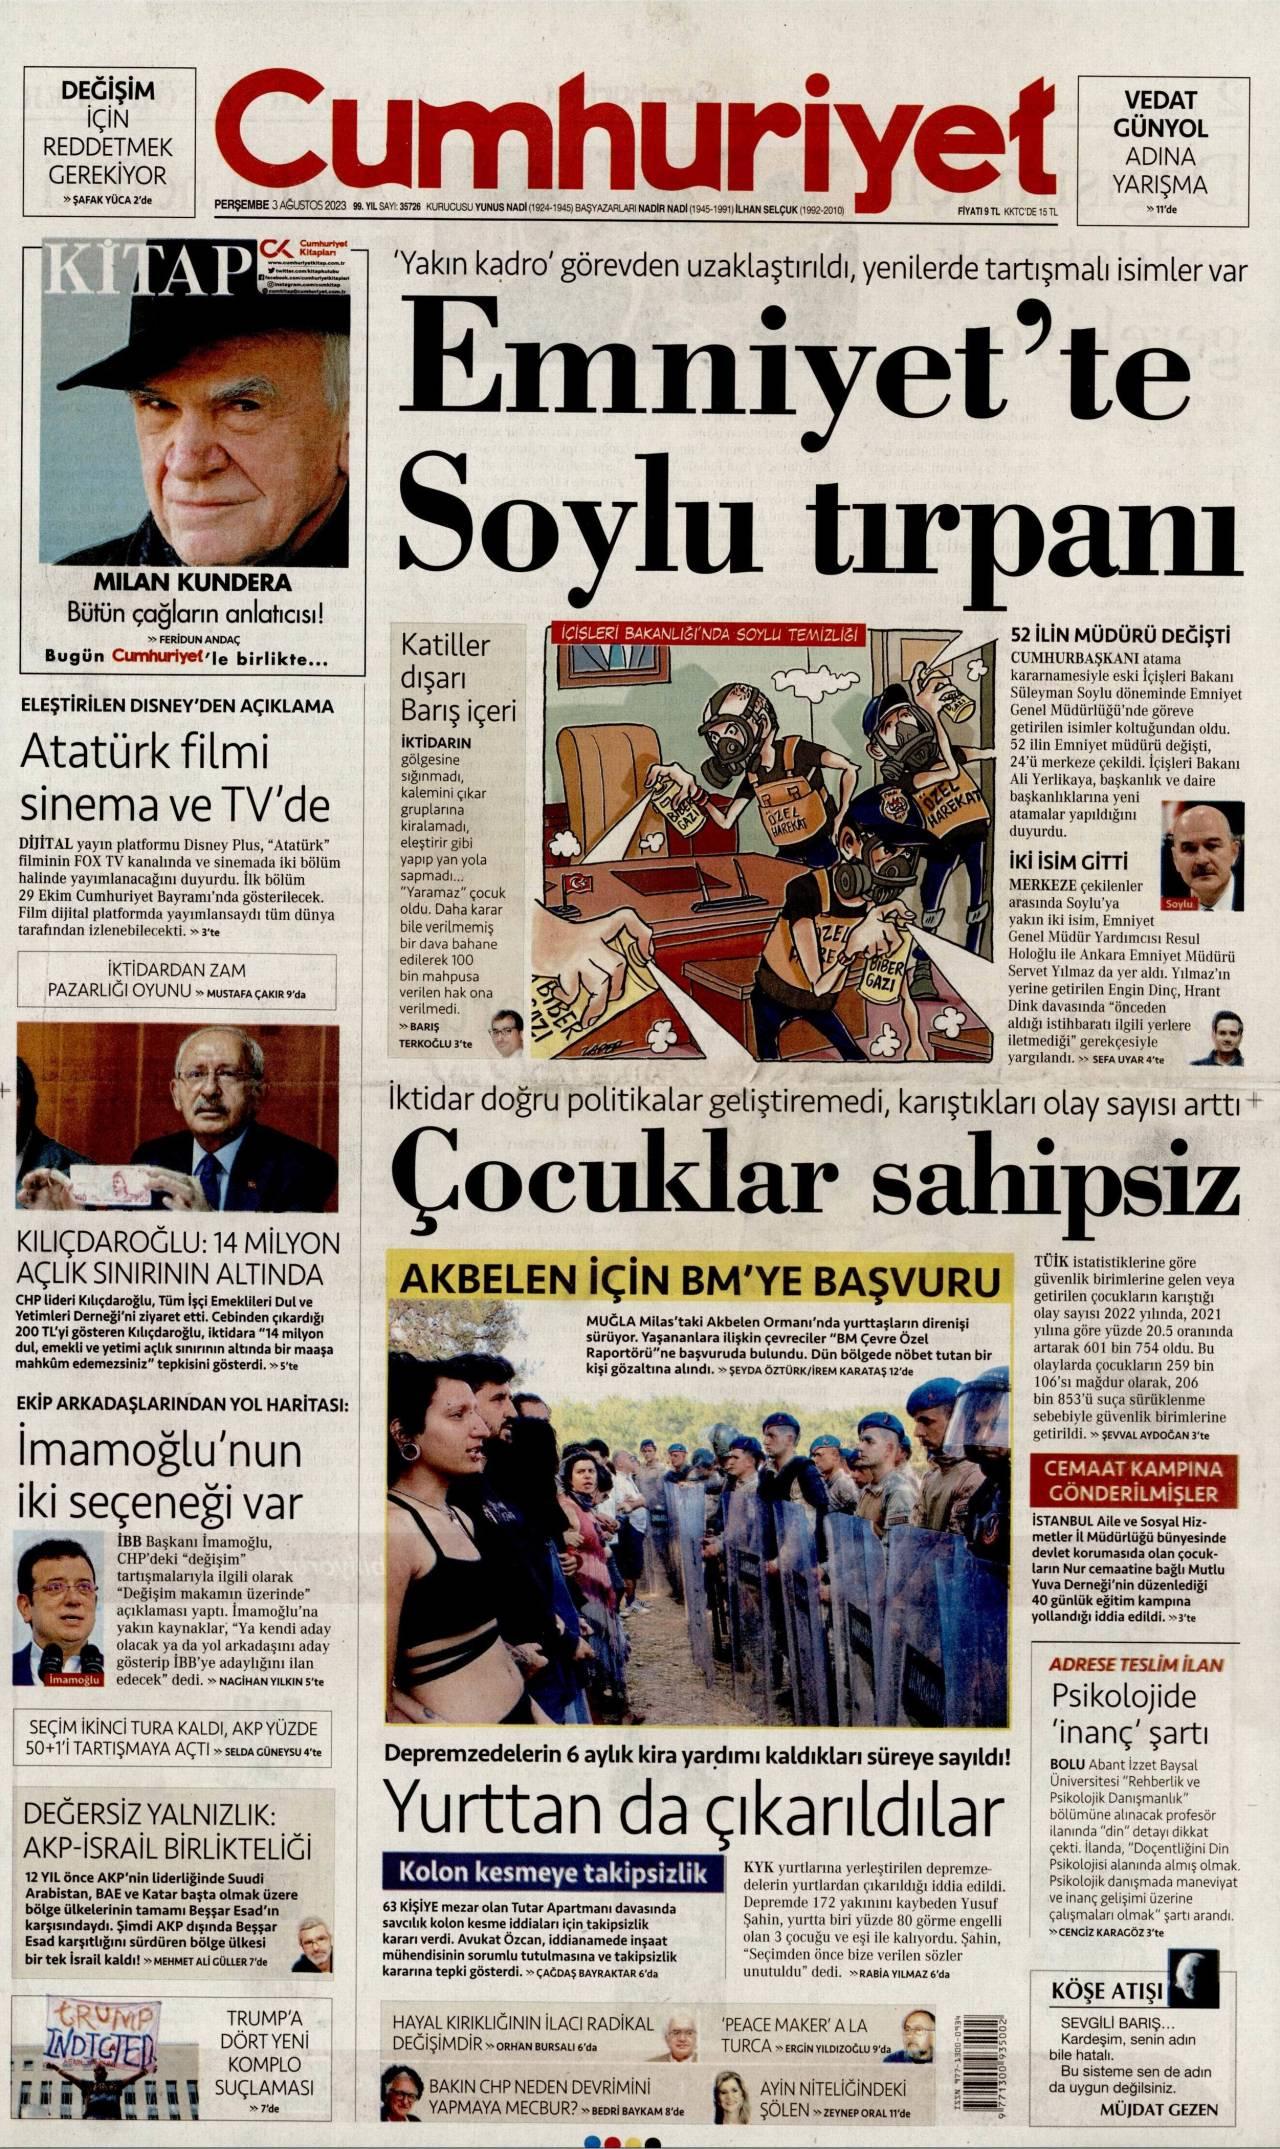 16 Ekim 2019 Çarşamba Cumhuriyet Gazetesi Manşeti